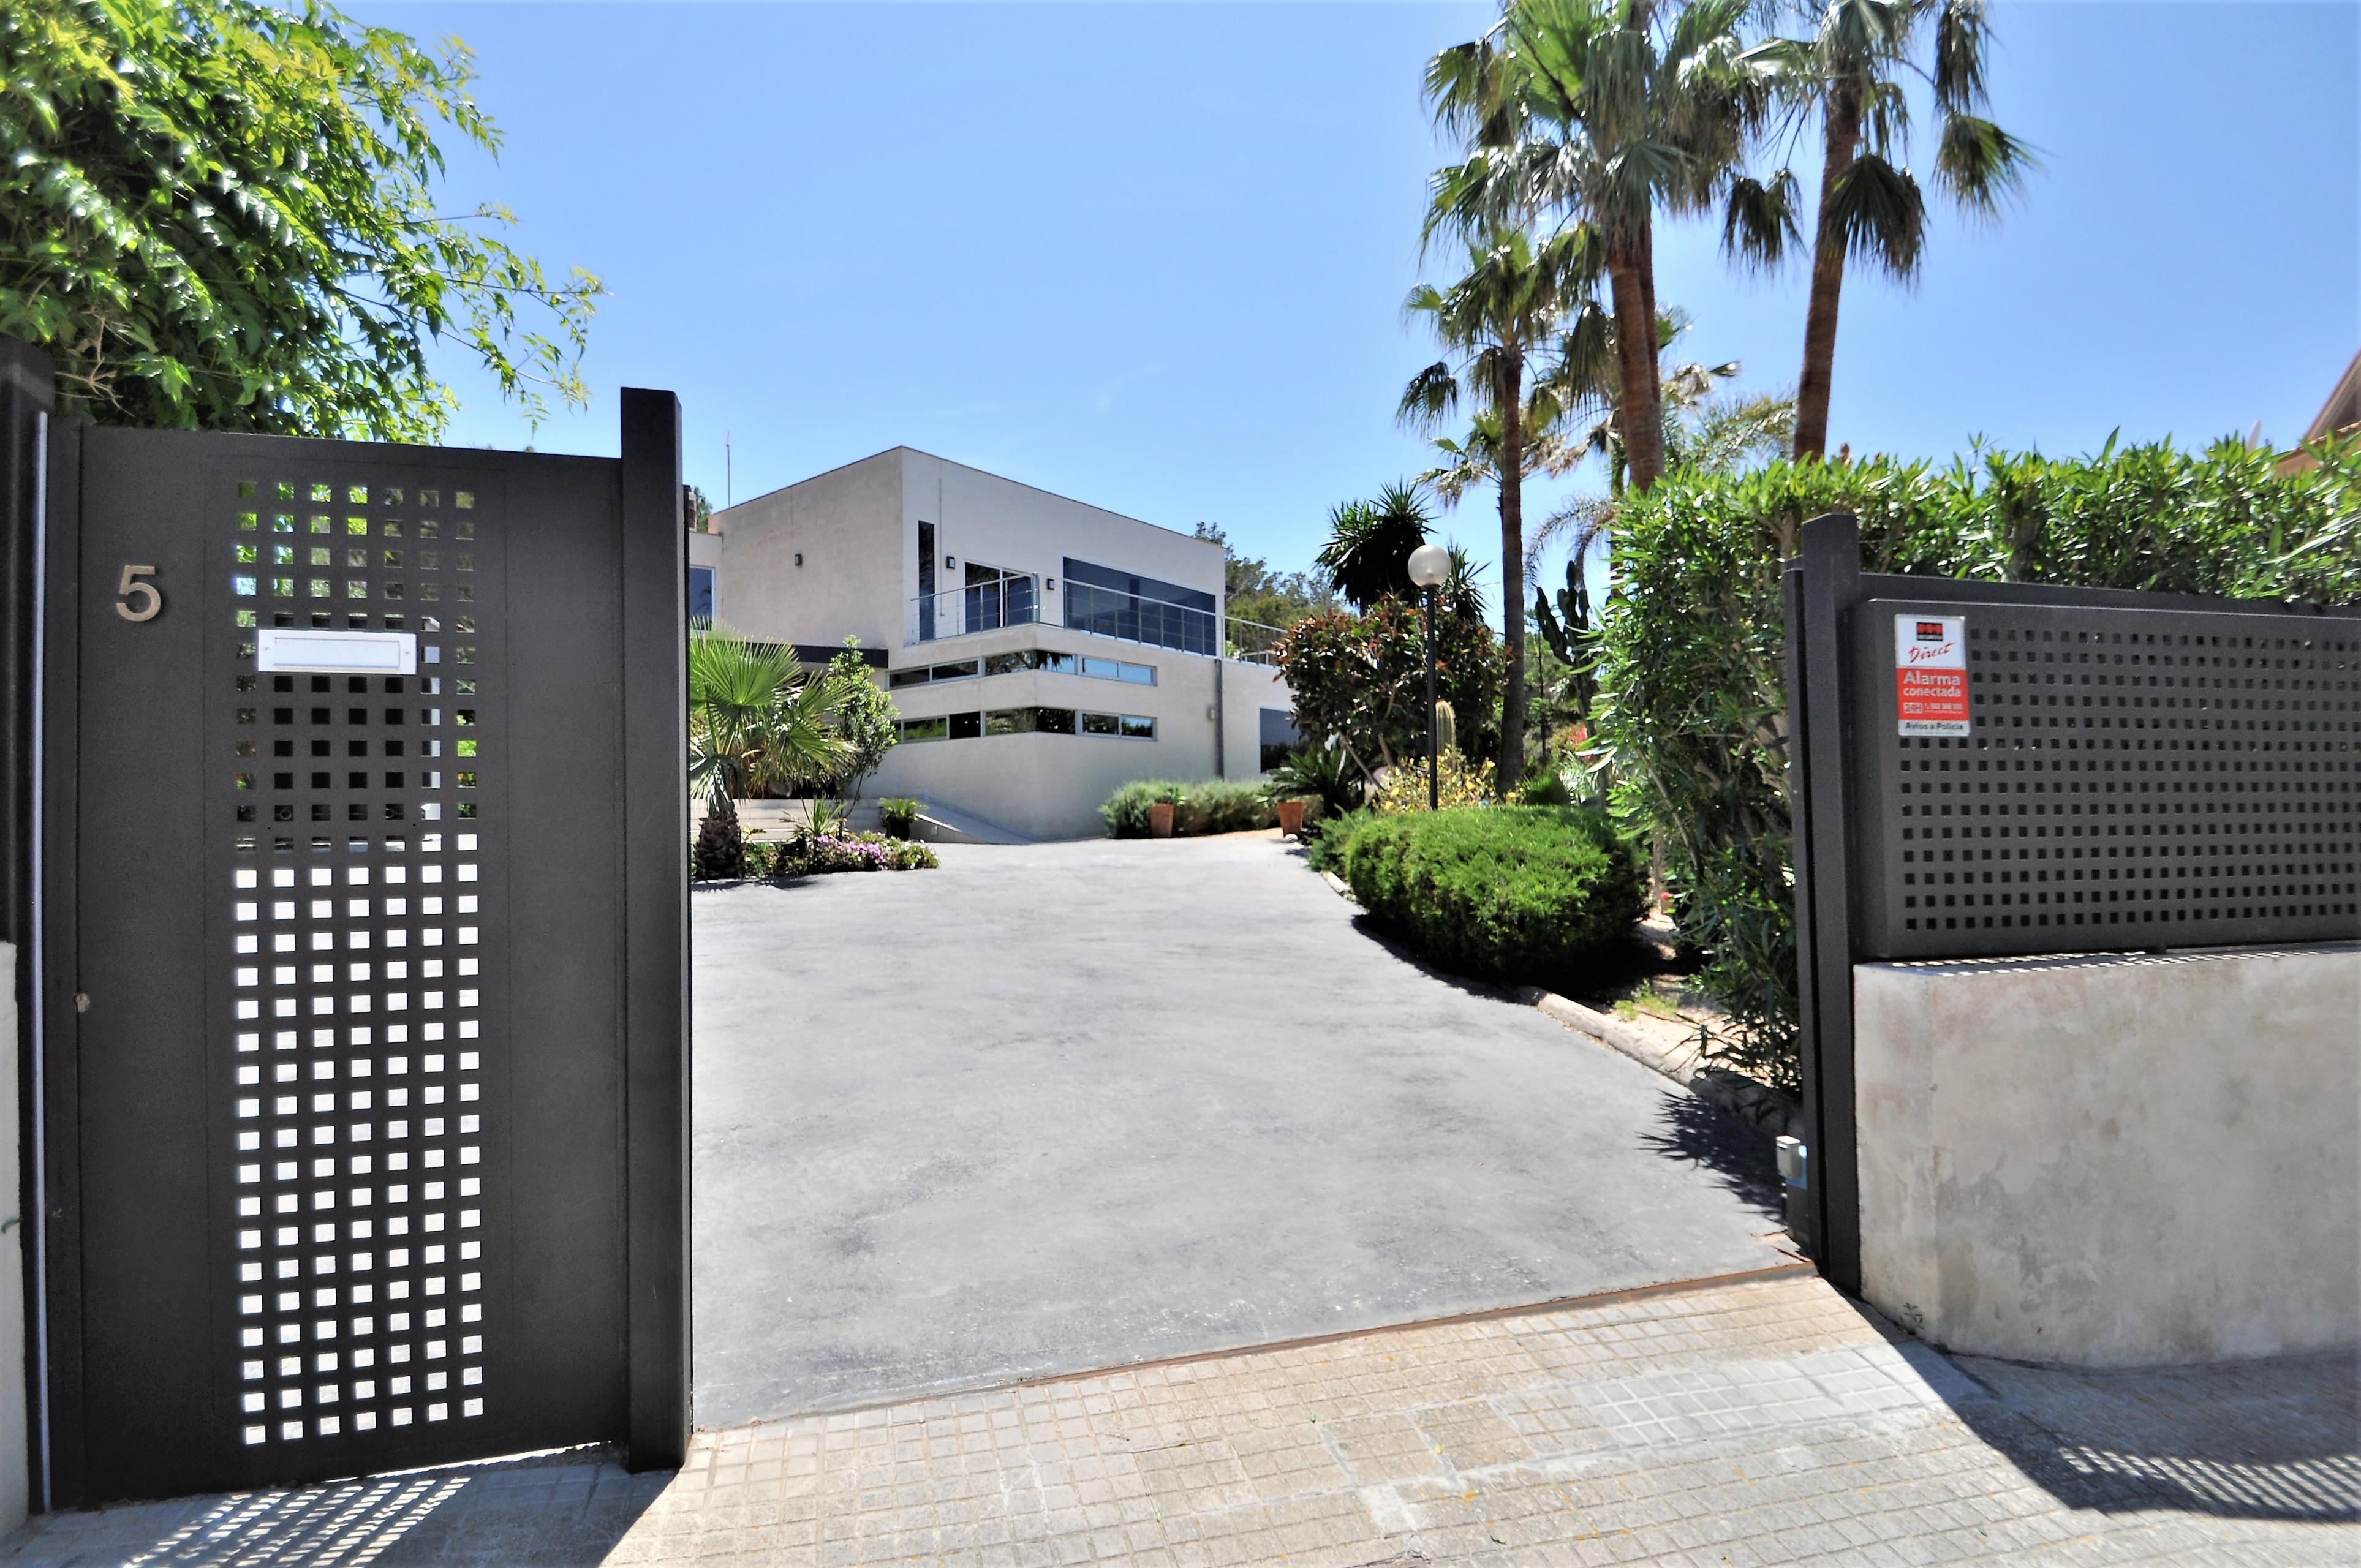 Maison de vacances VILLA BAY BLUE- Bahia Azul- Mallorca - VILLAONLINE - Kostenloses WLAN (2684052), Bahia Azul, Majorque, Iles Baléares, Espagne, image 56